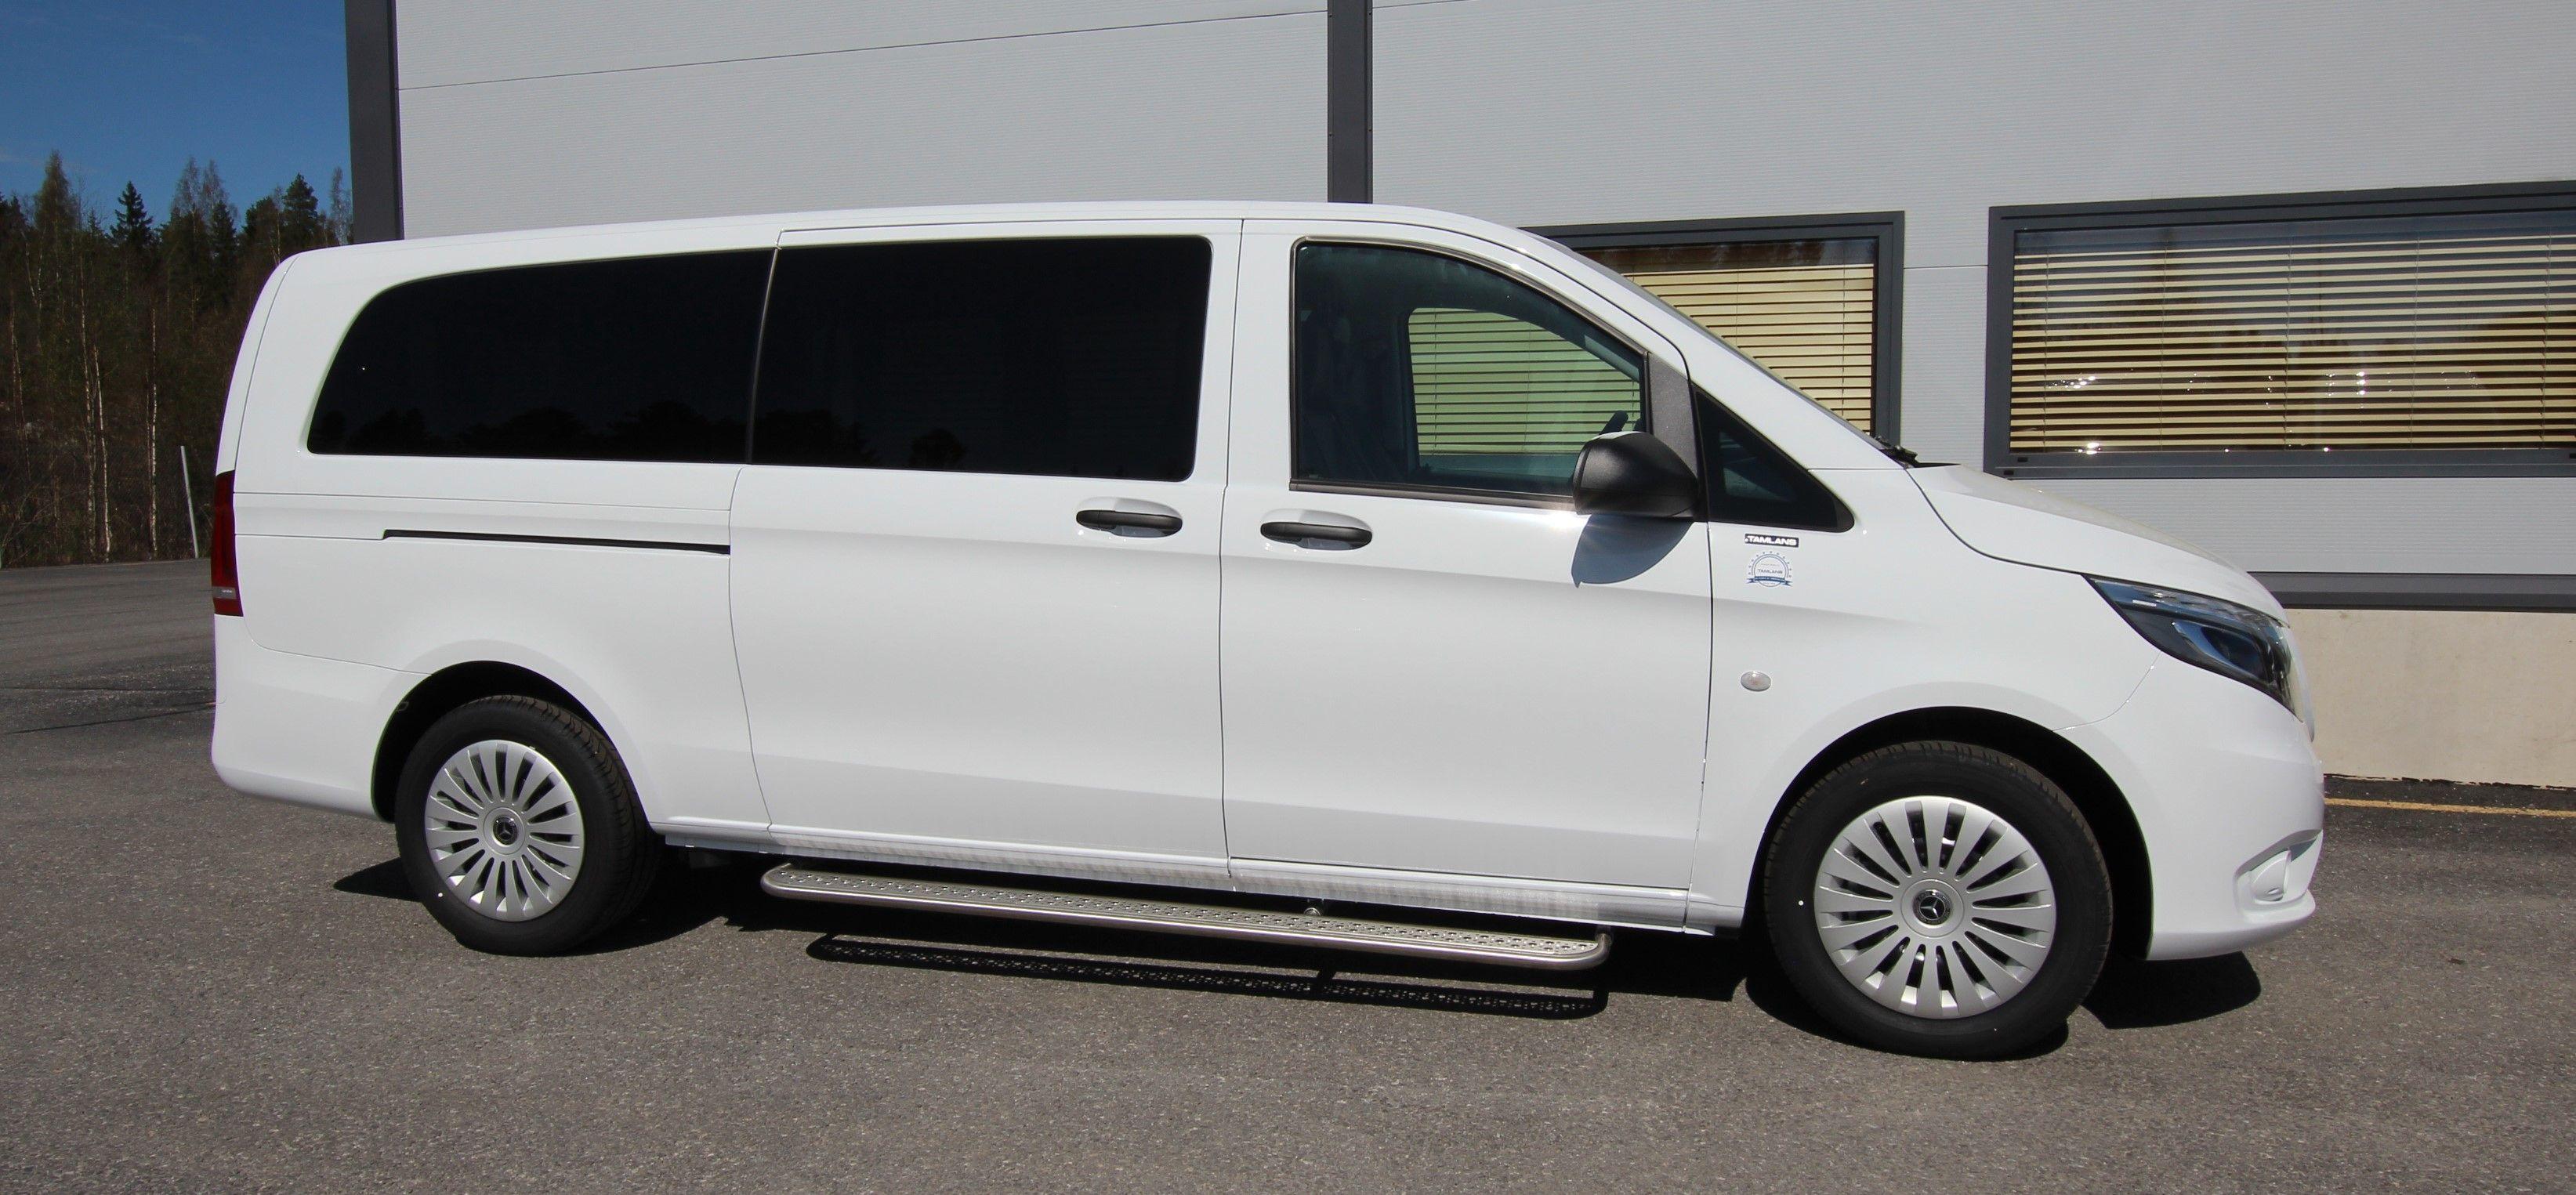 Mercedes Mini Van >> Mercedes Benz Vito Tamlans Minivan